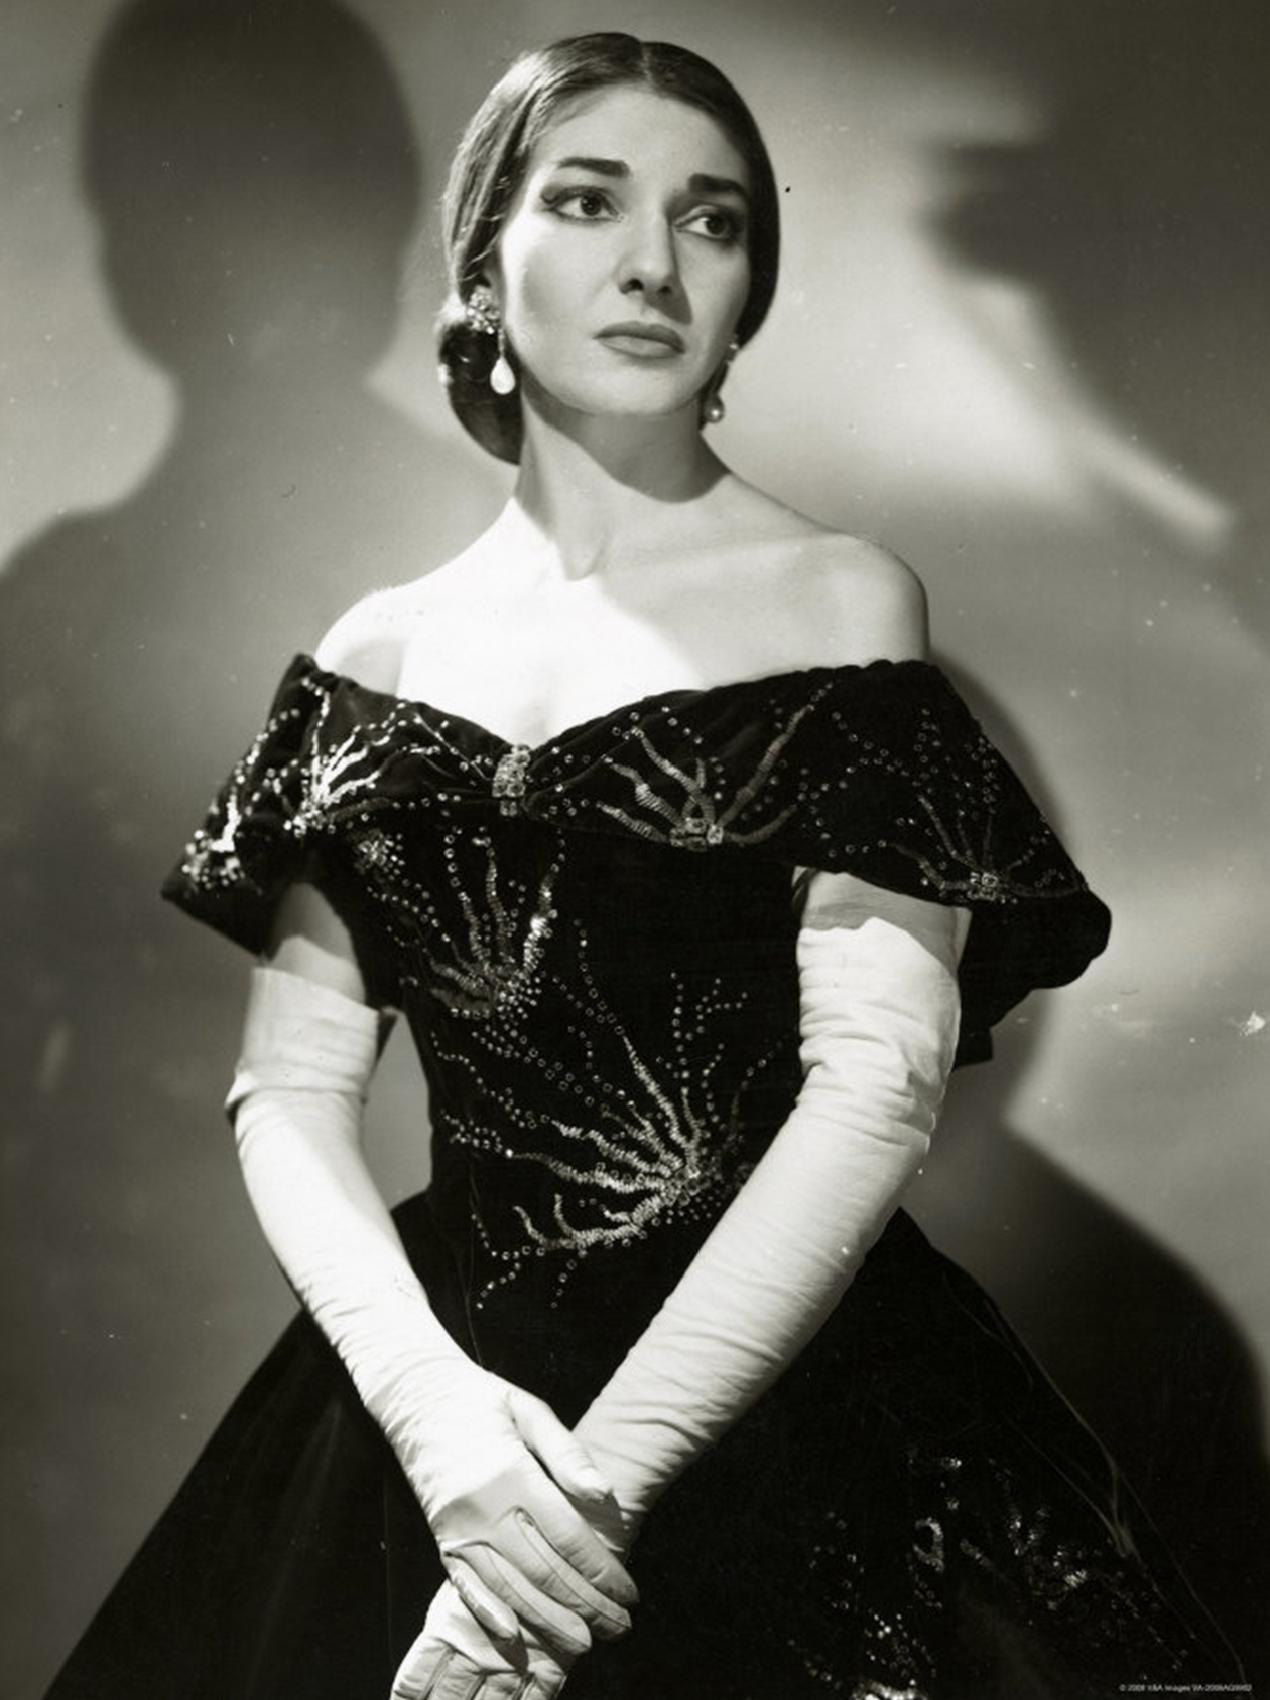 Maria_Callas_(La_Traviata)_2